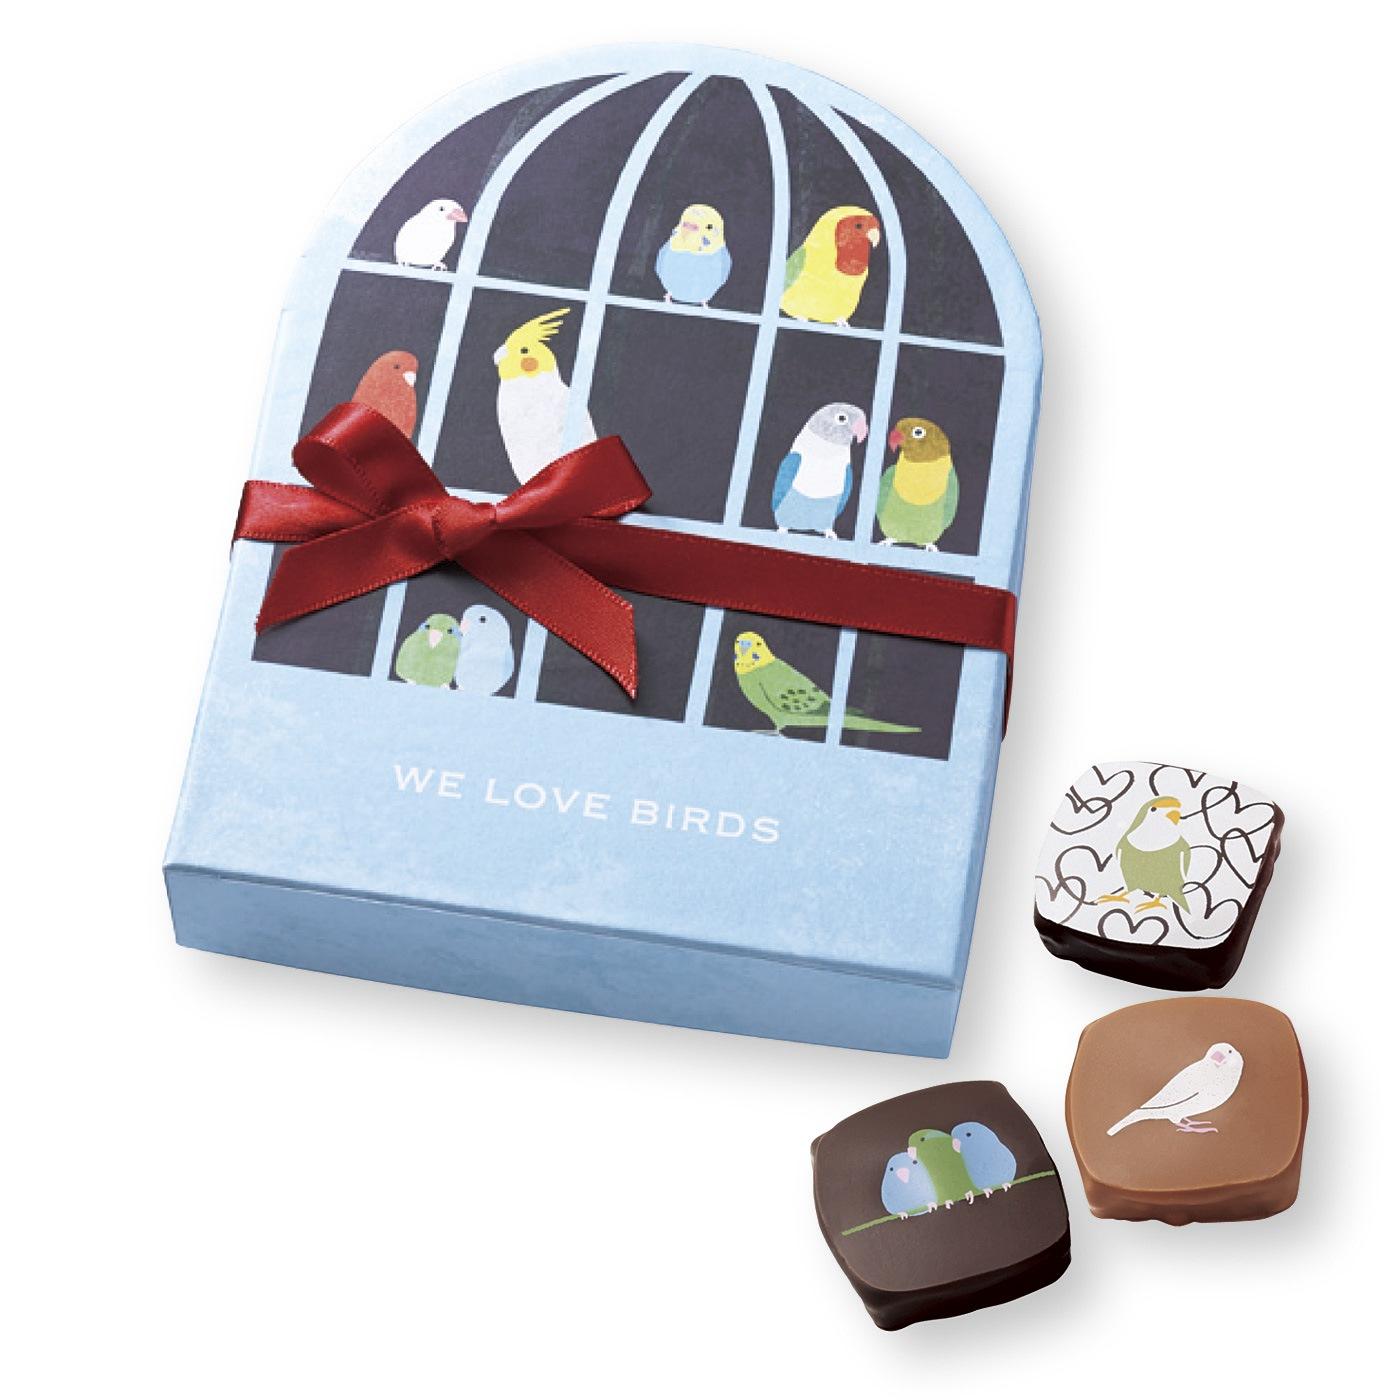 【ホワイトデイお届け】ショコラティエ ヤン・プロット 小鳥チョコ